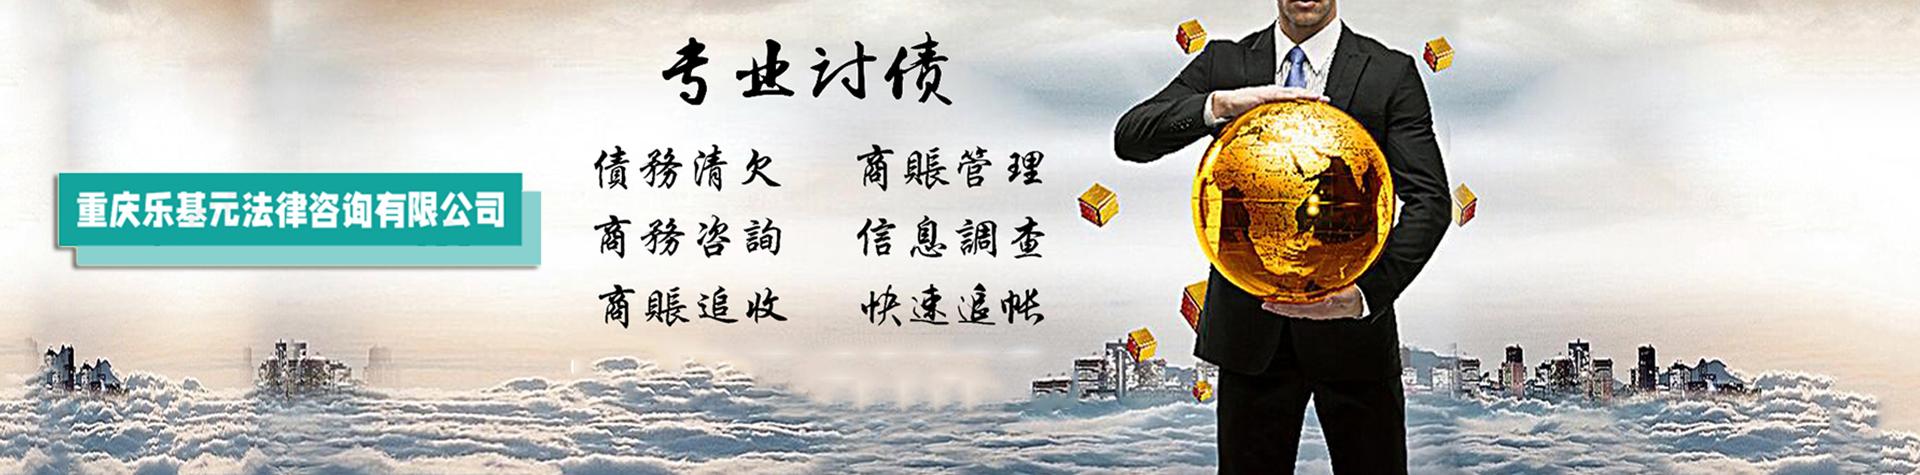 扬州讨债公司